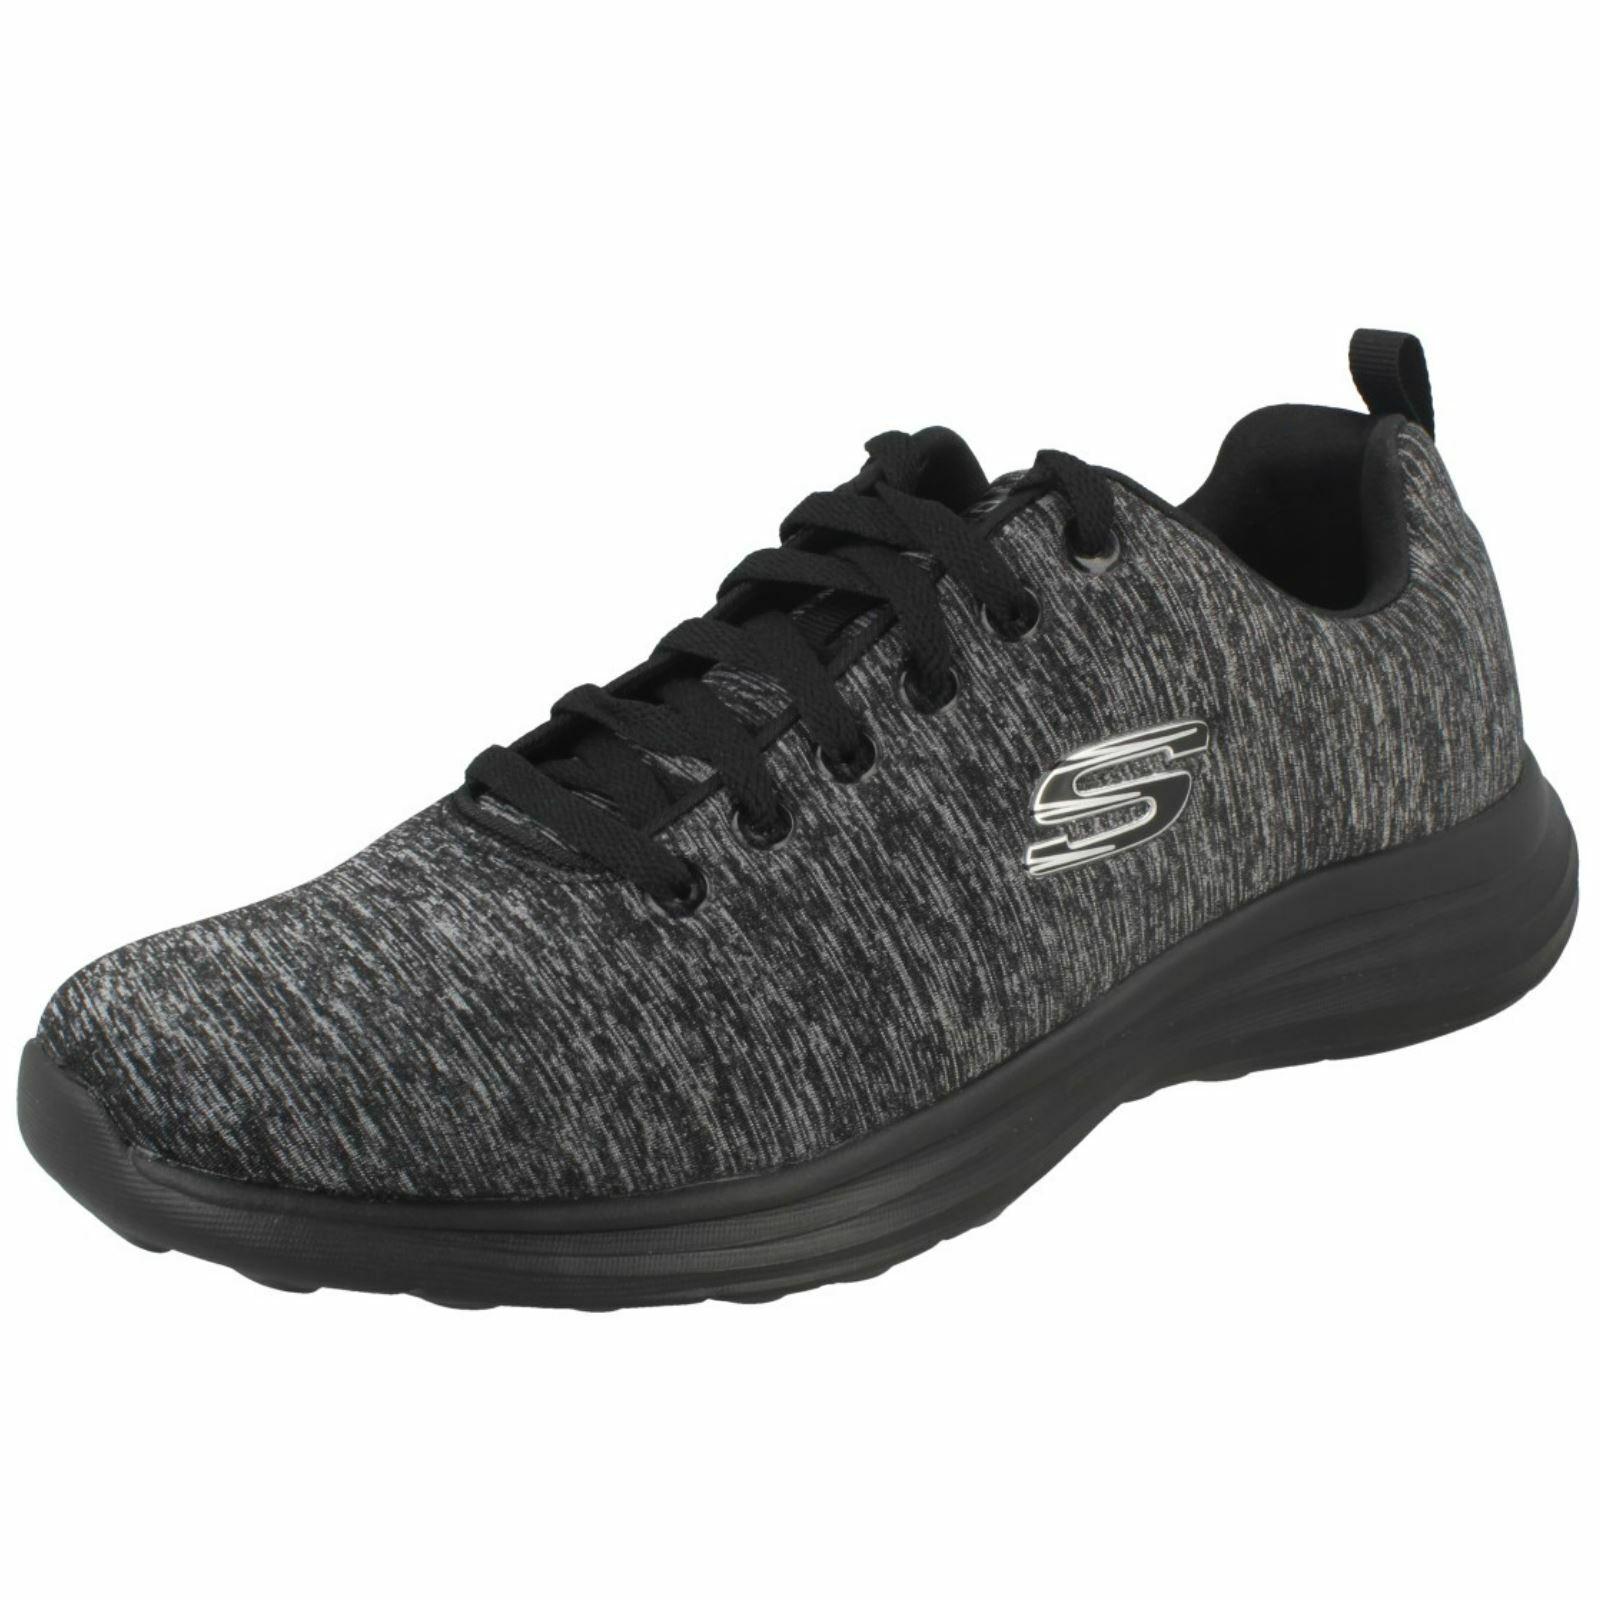 Zapatillas para hombre Skechers Casual  Baja Potencia clave Trippi